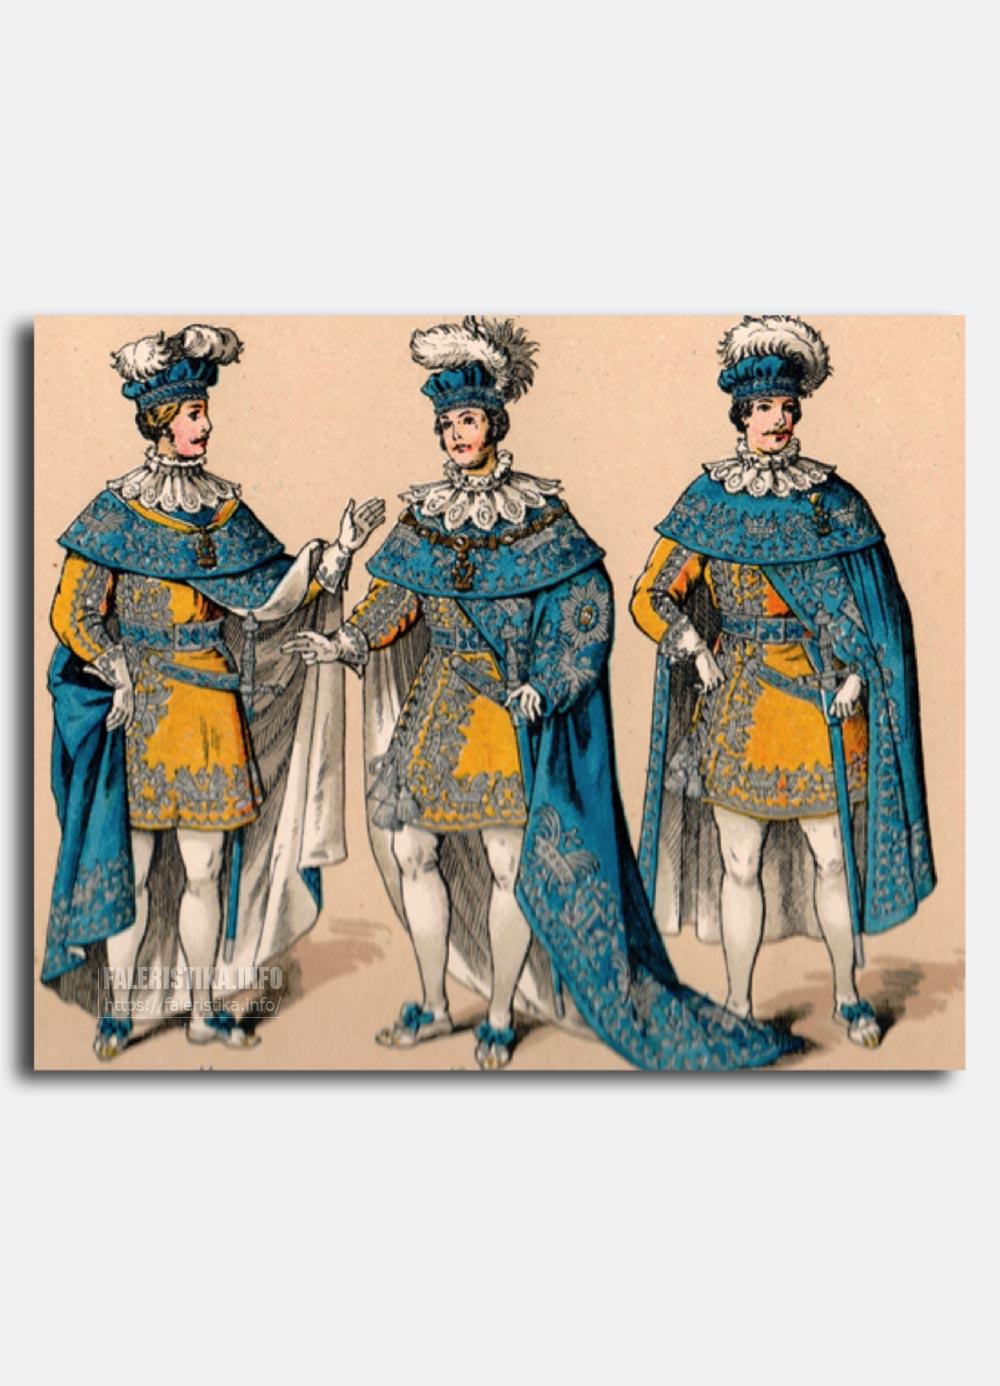 Орден Железной Короны. Церемониальные одежды. Слева направо: Командор Ордена, кавалер Большого Креста Ордена, Рыцарь Ордена